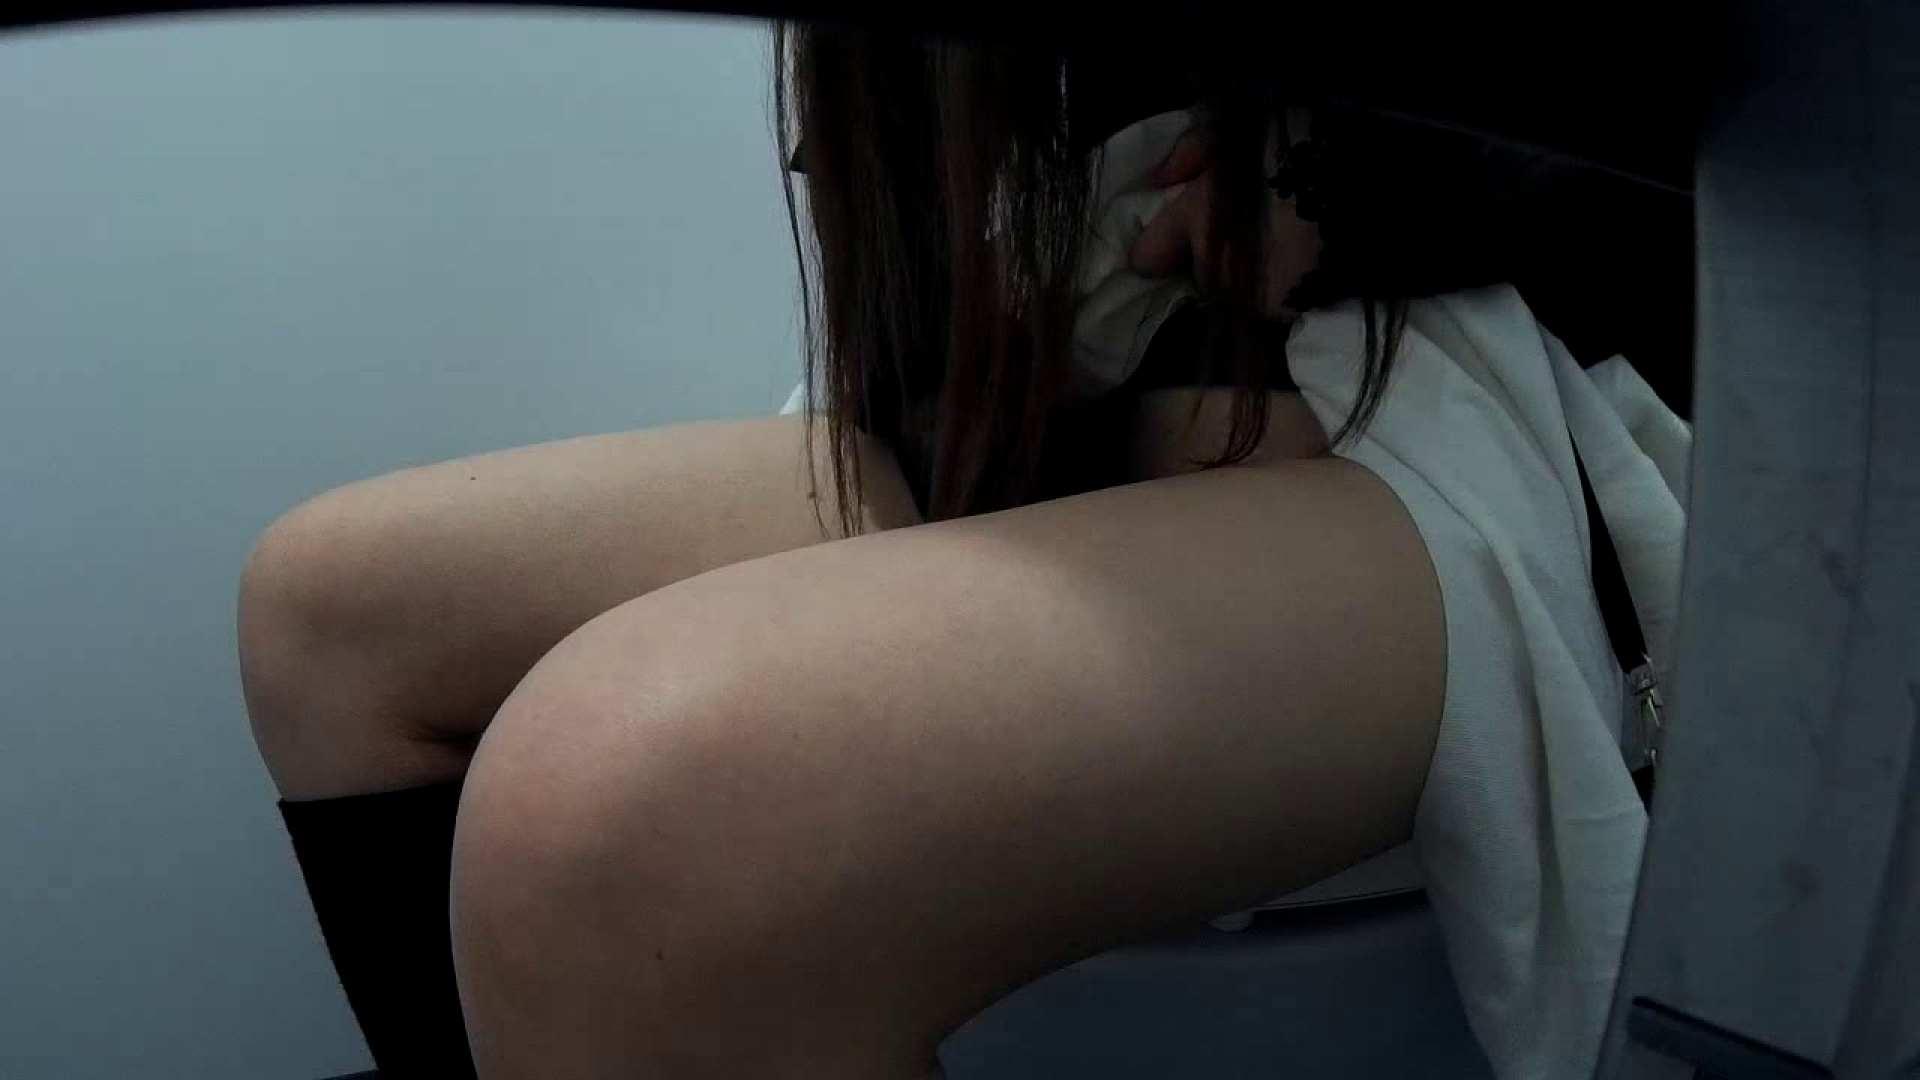 某有名大学女性洗面所 vol.34 今回は、2カメでばっちりいっちゃいました。 盛合せ オマンコ動画キャプチャ 84画像 12